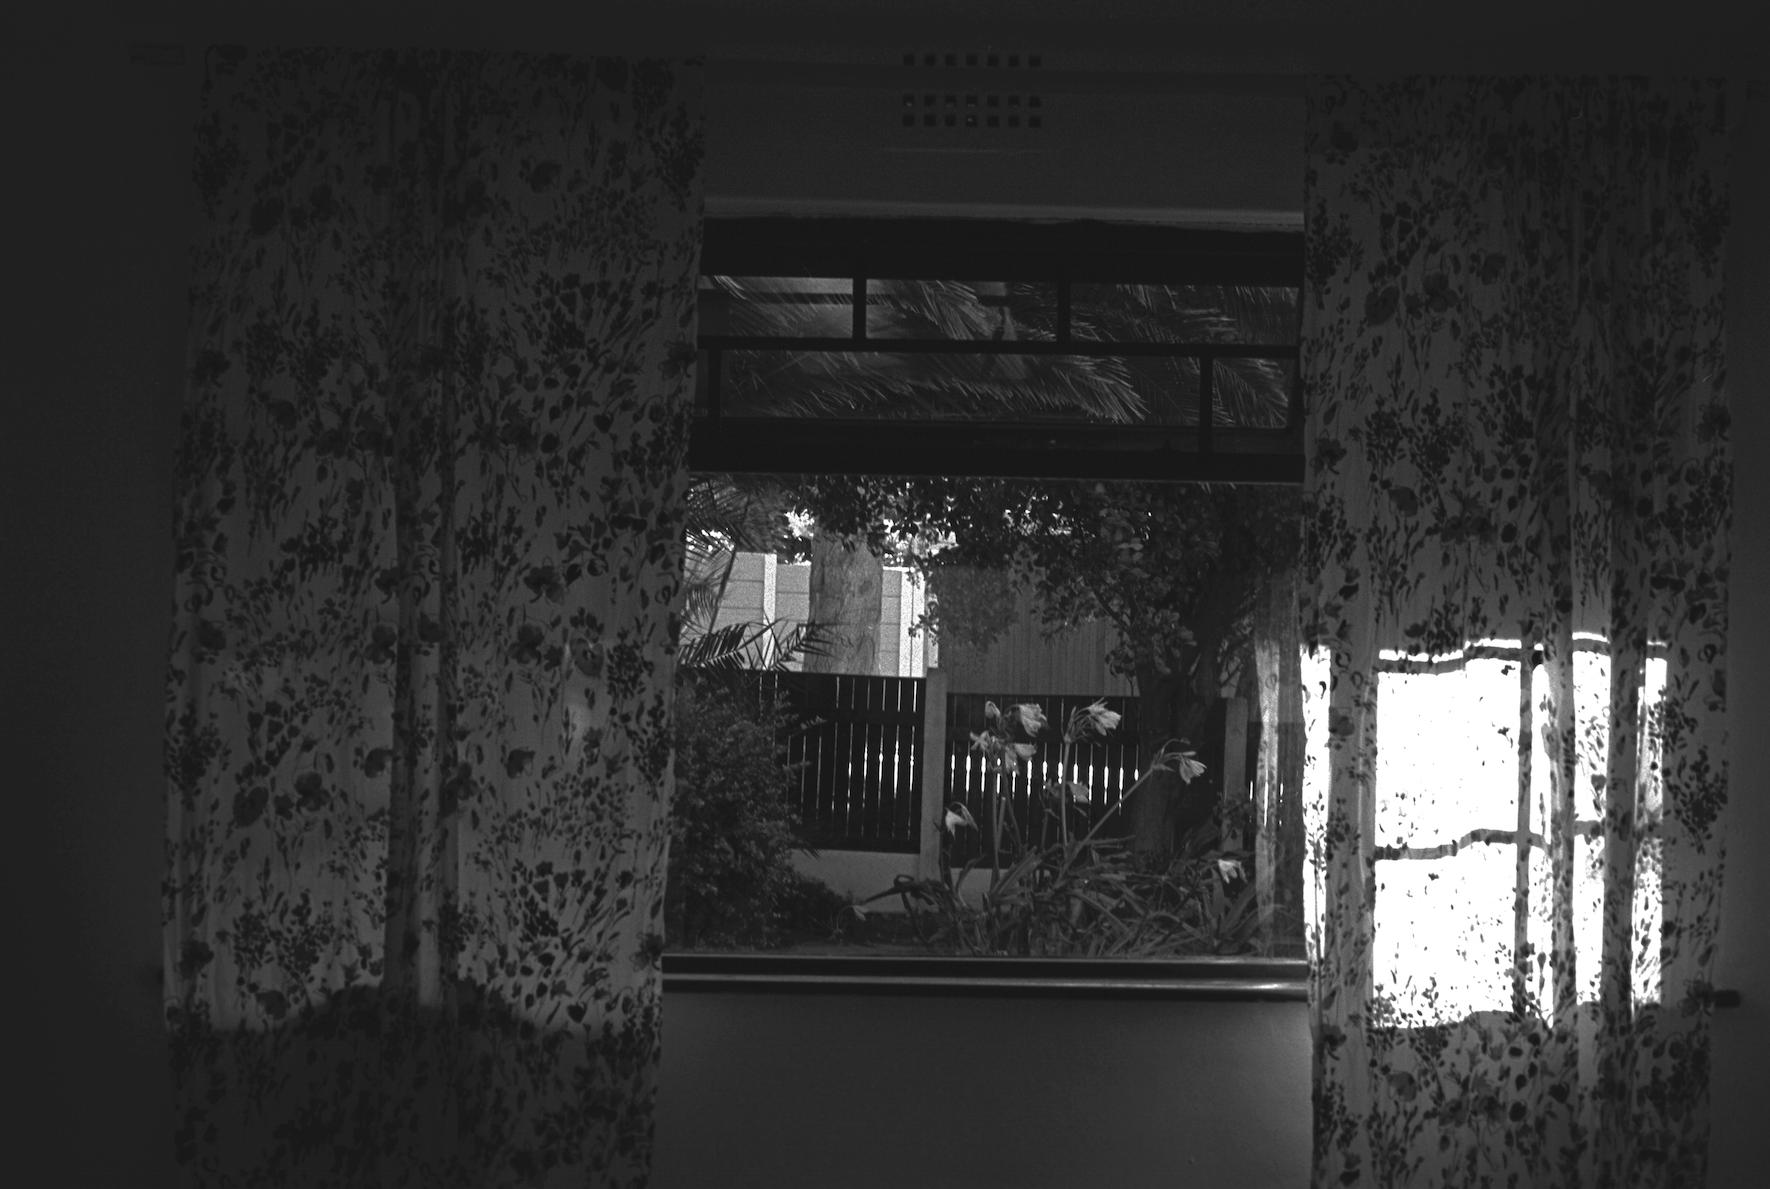 Screen Shot 2014-11-13 at 1.11.34 PM.png